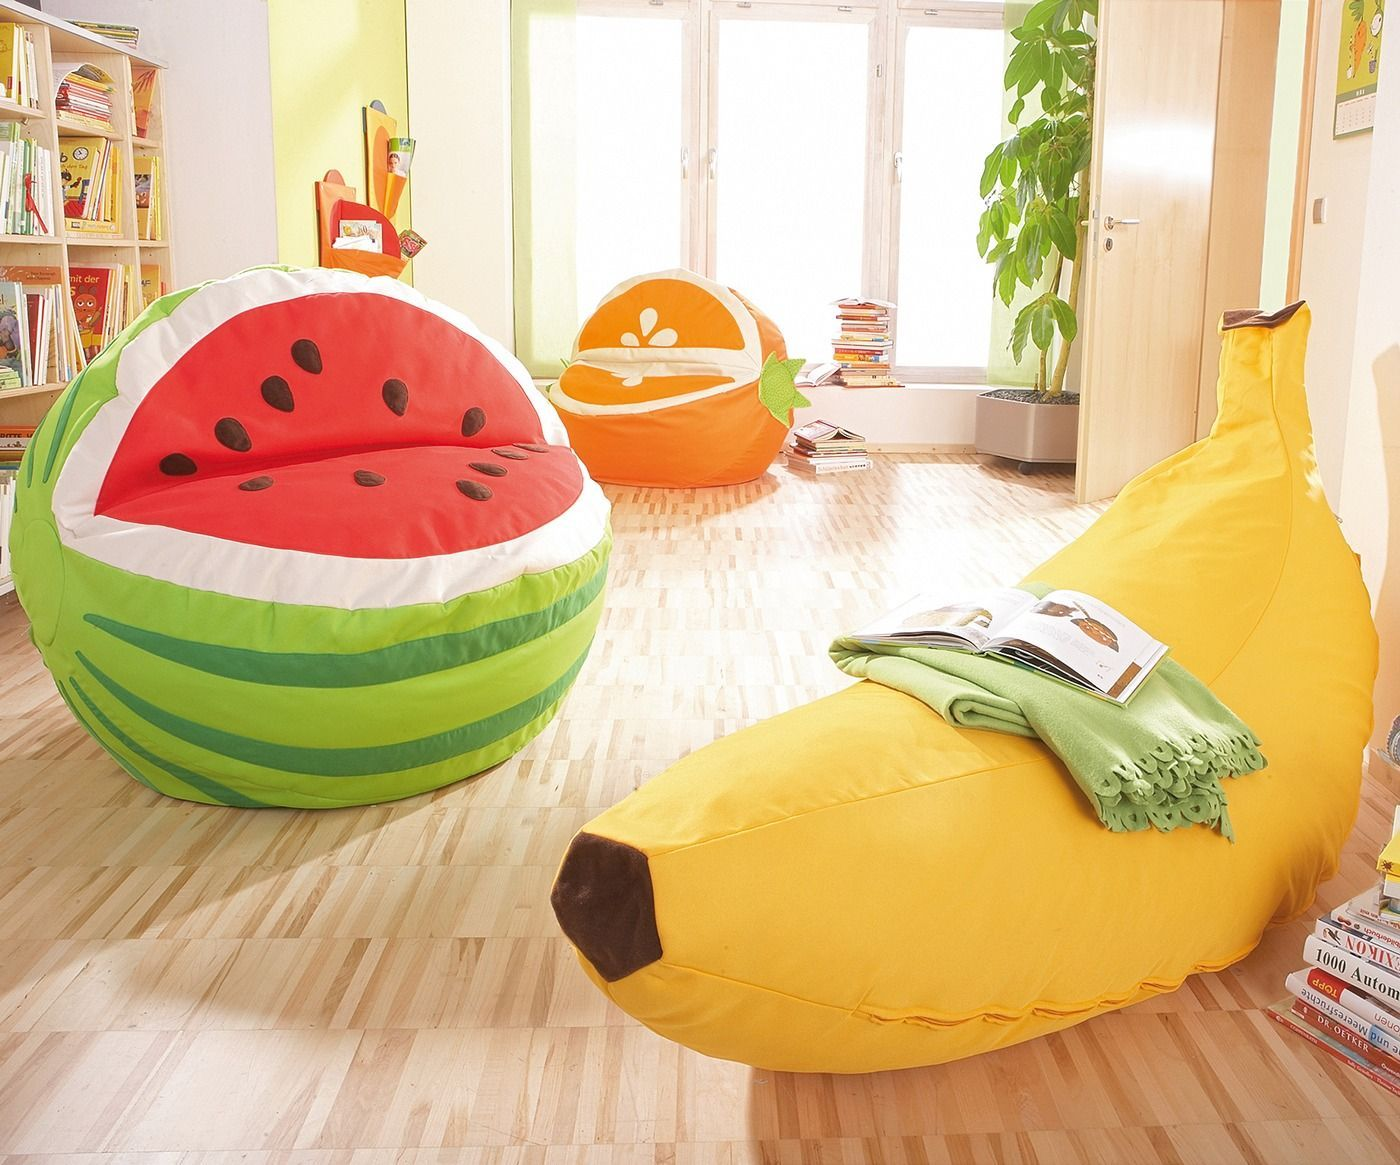 Sitzsack Fruchte Jako O 2020 Dekoratif Yastiklar Puf Minder Bebek Koltuklari